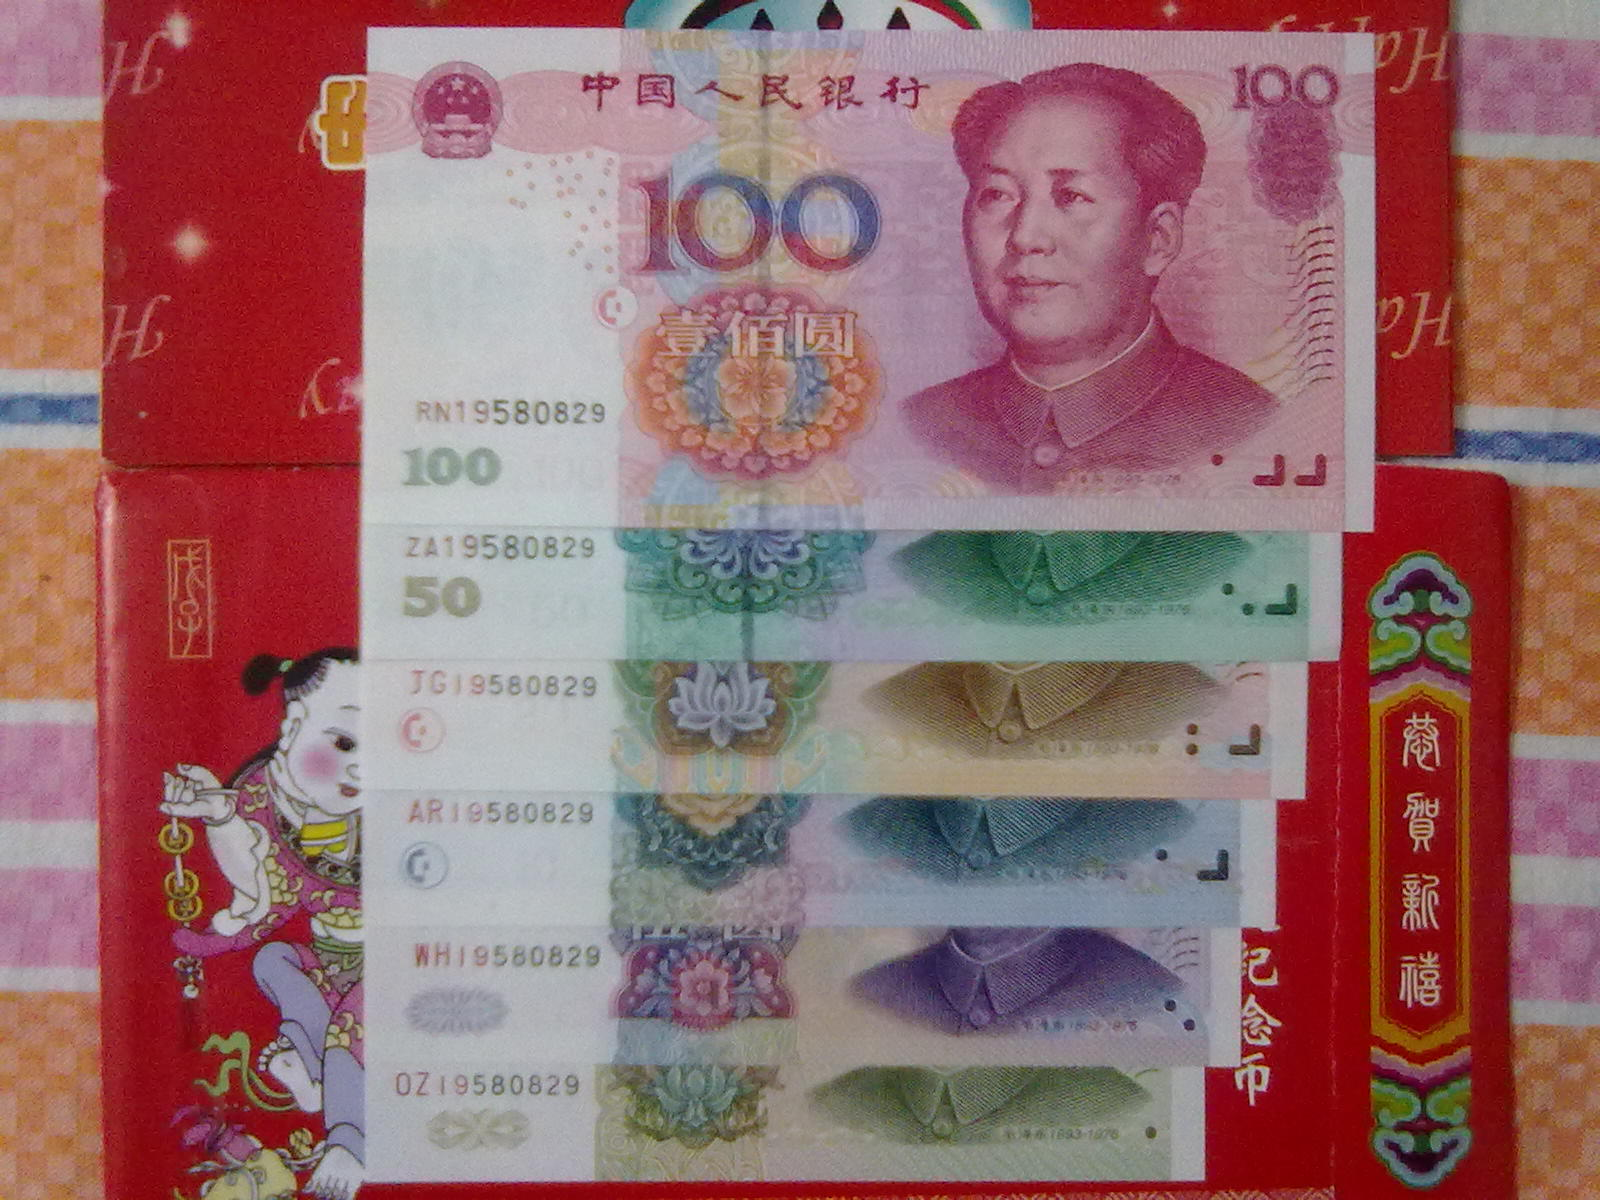 定制一套生日钞多少钱 生日钞在哪里买 爱藏网   airmb.com